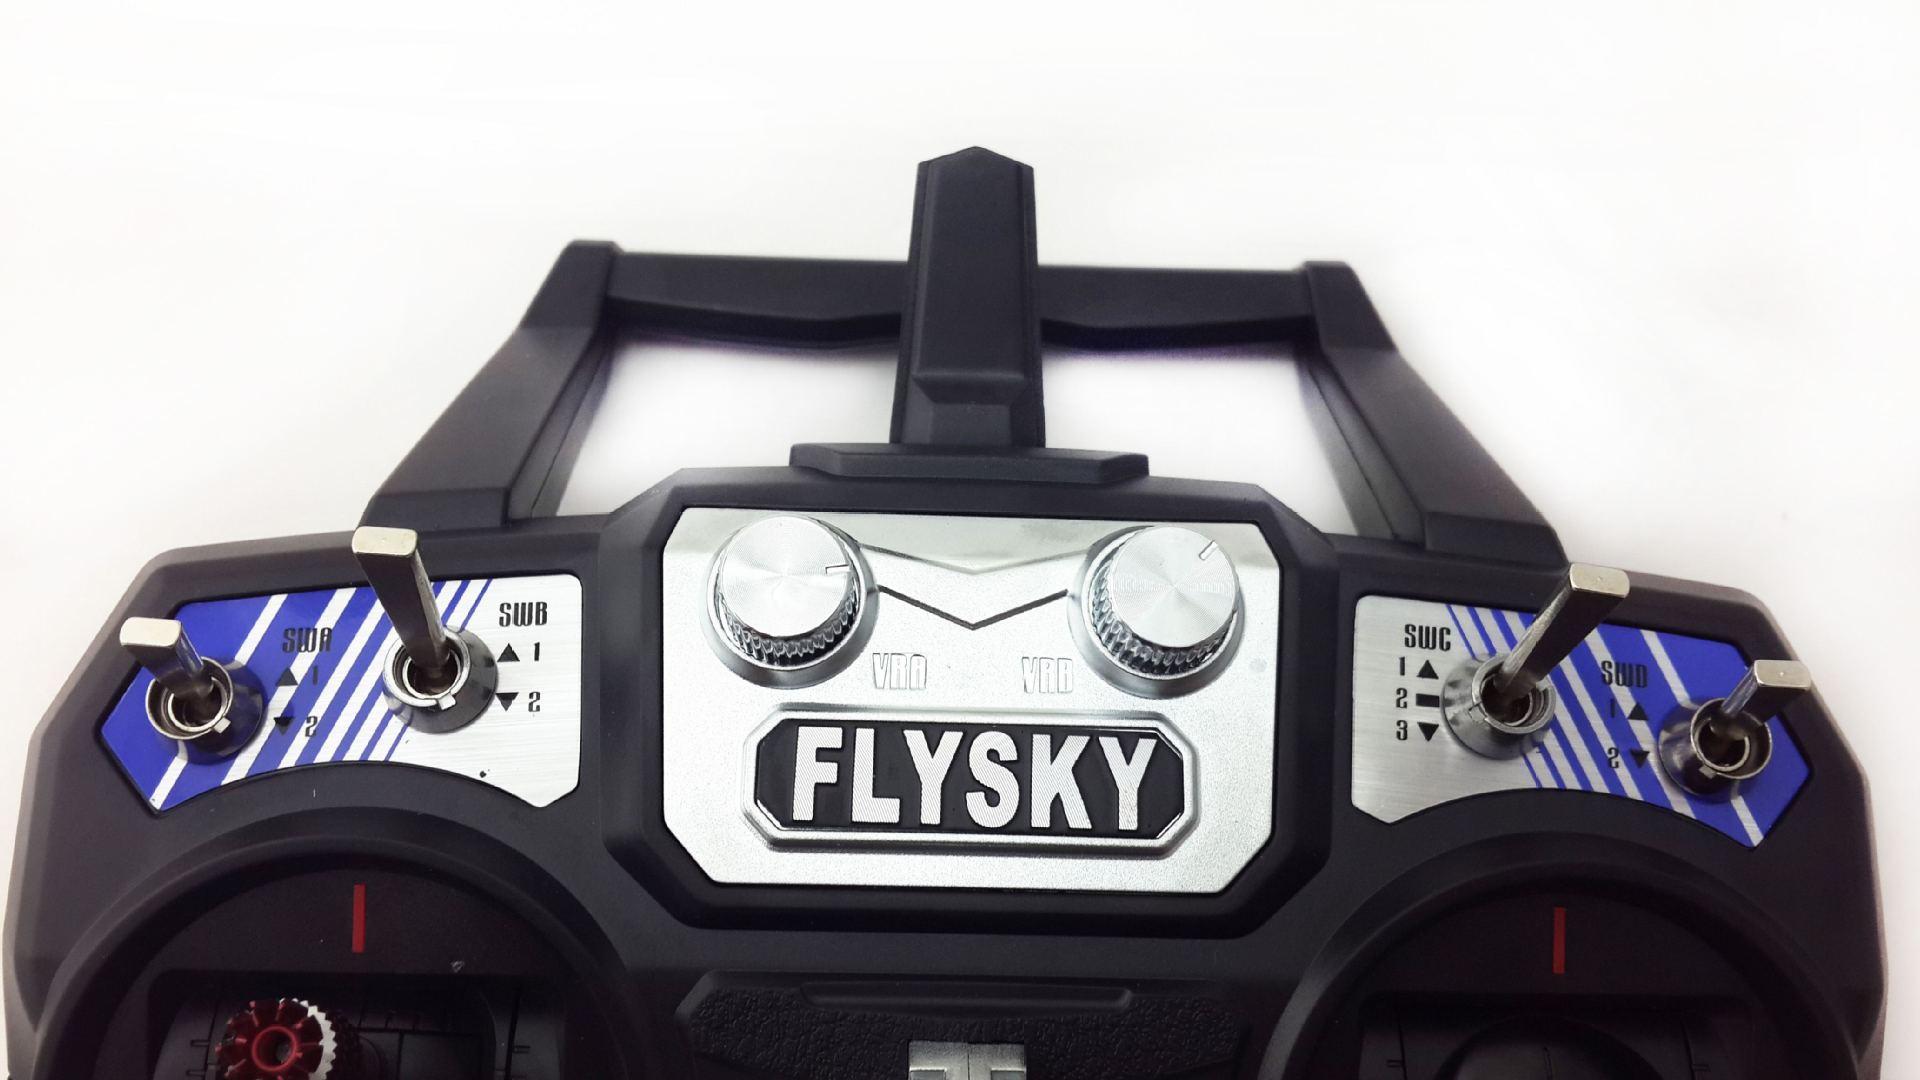 Flysky FS-i6 6Ch 2 4G Remote control - RCU Forums